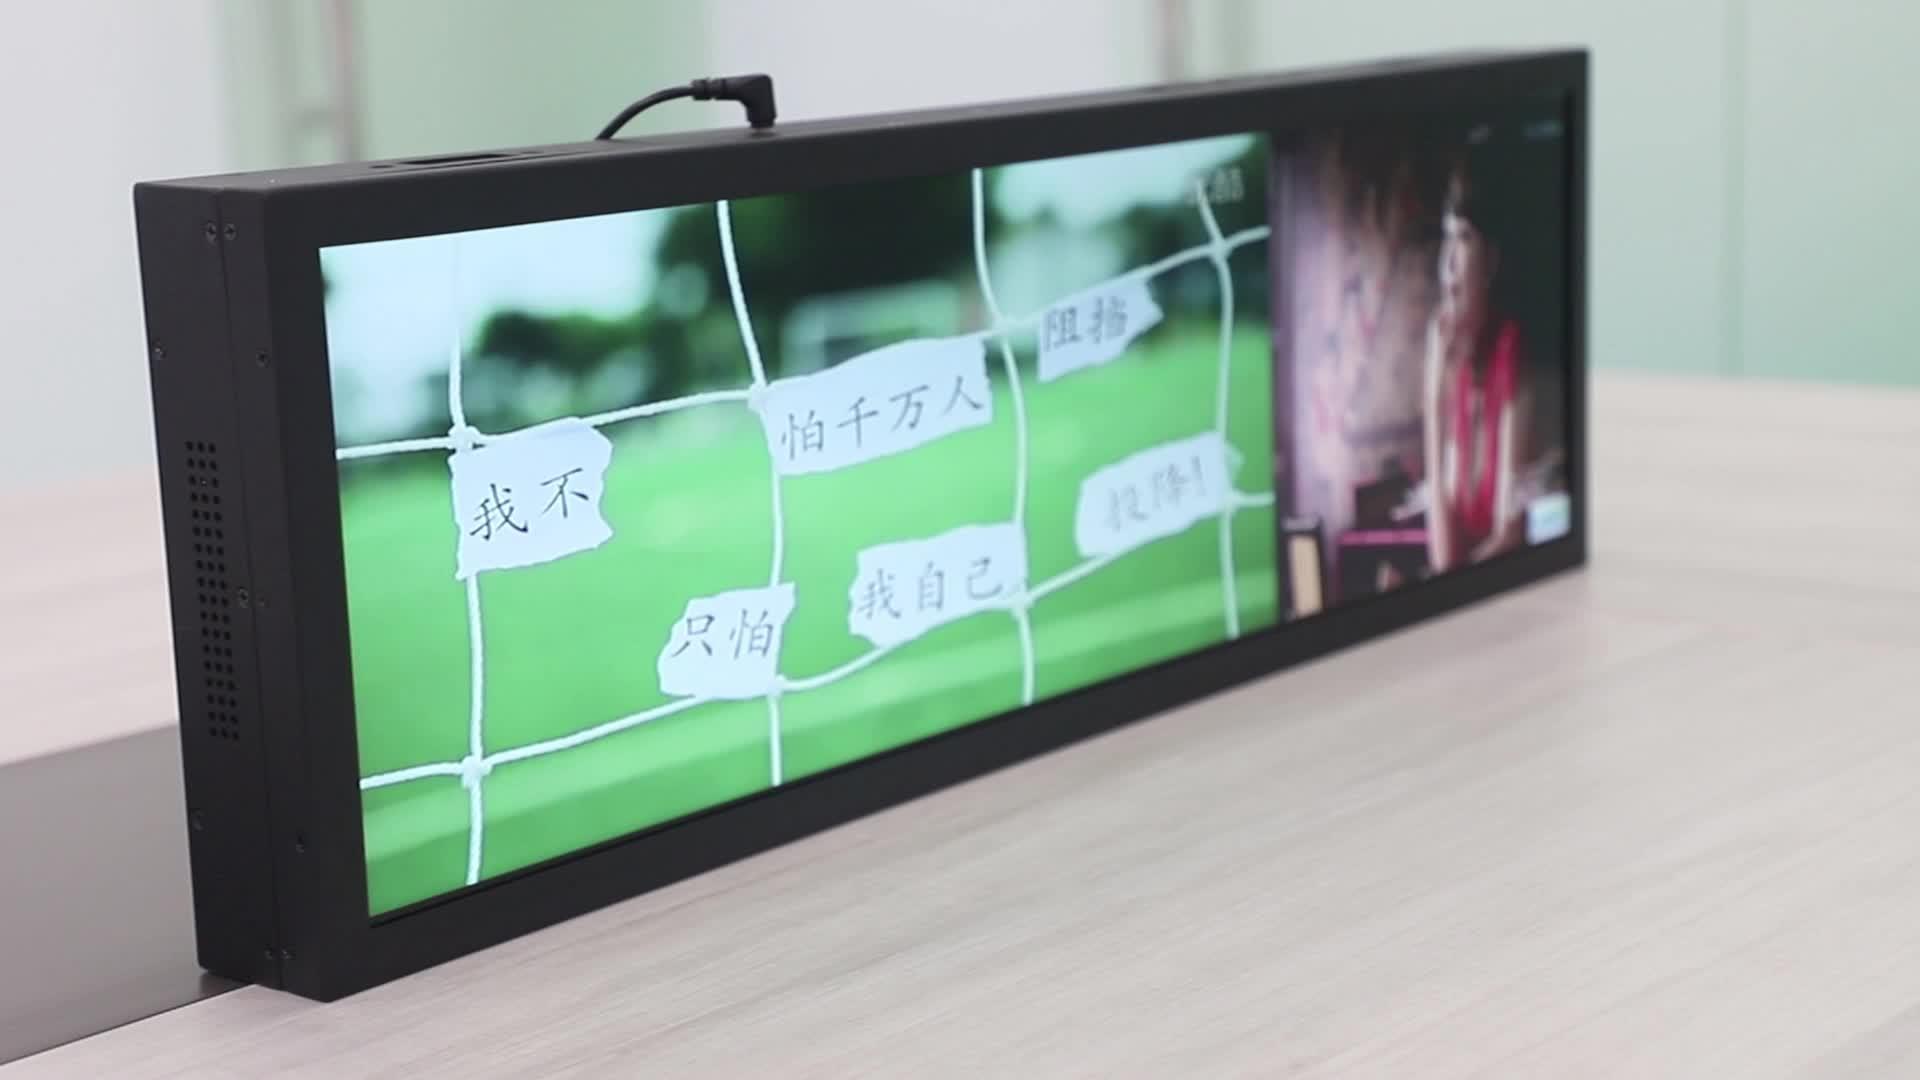 โรงงานขายตรงคุณภาพสูง Double-Sided หน้าจอ LCD บาร์ LCD โฆษณา